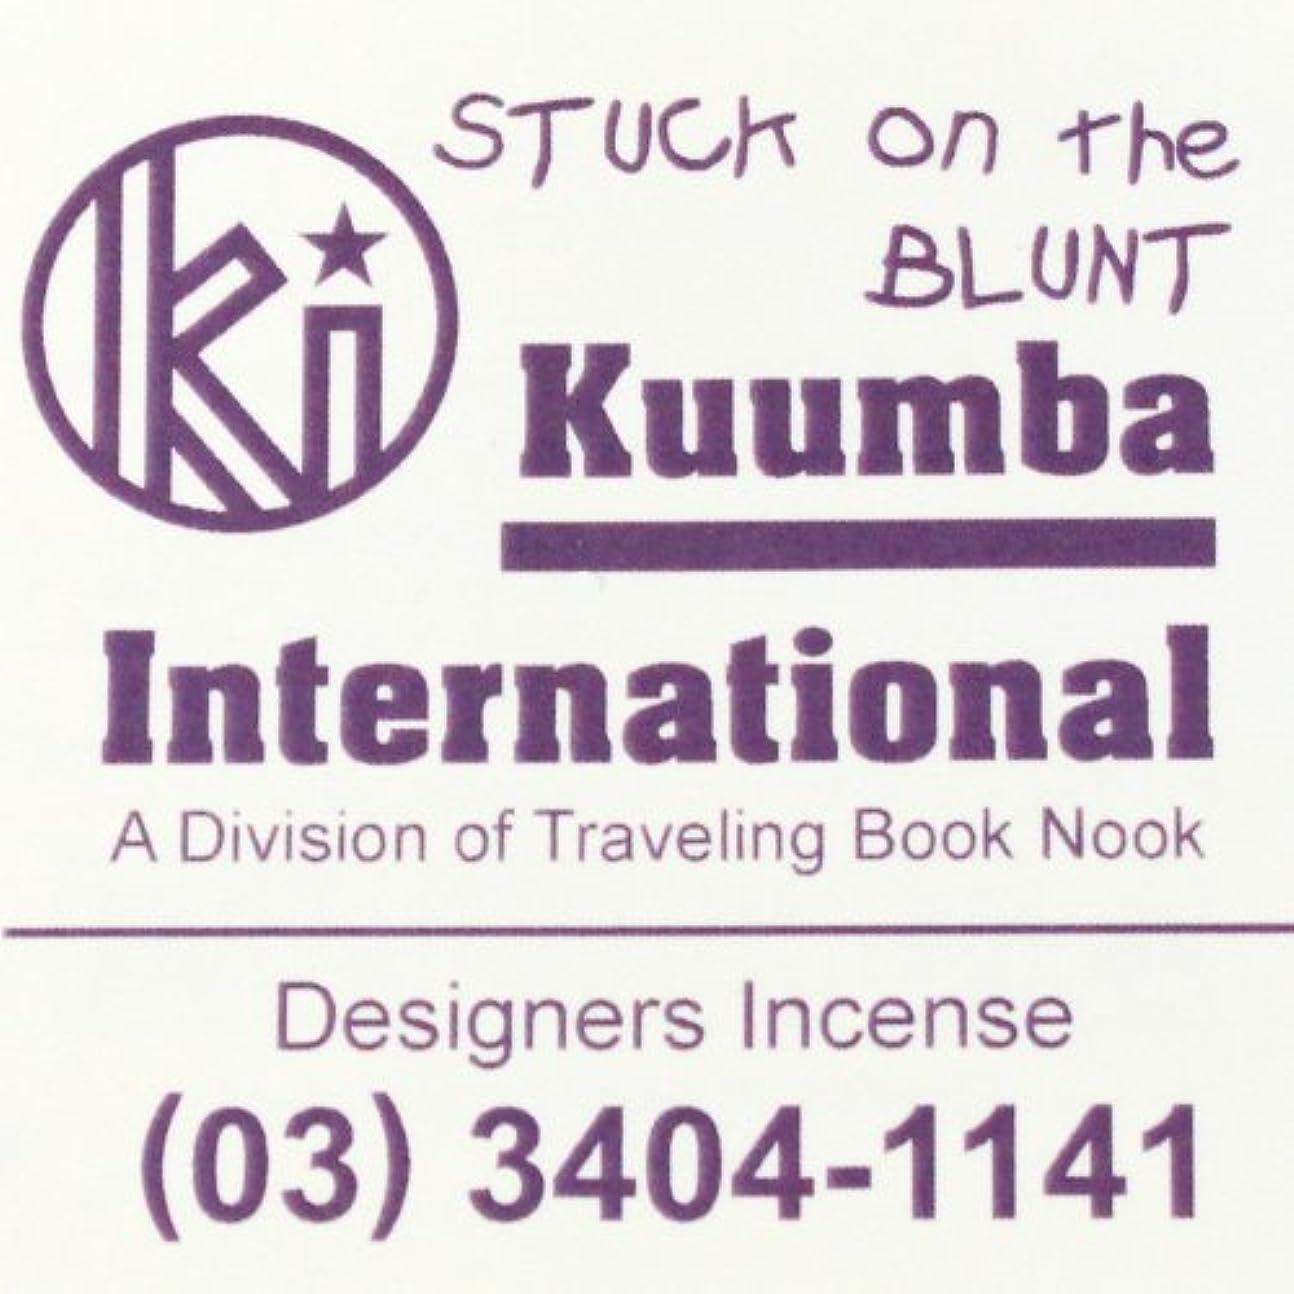 素晴らしき慣れている癒す(クンバ) KUUMBA『incense』(STUCK on the BLUNT) (Regular size)